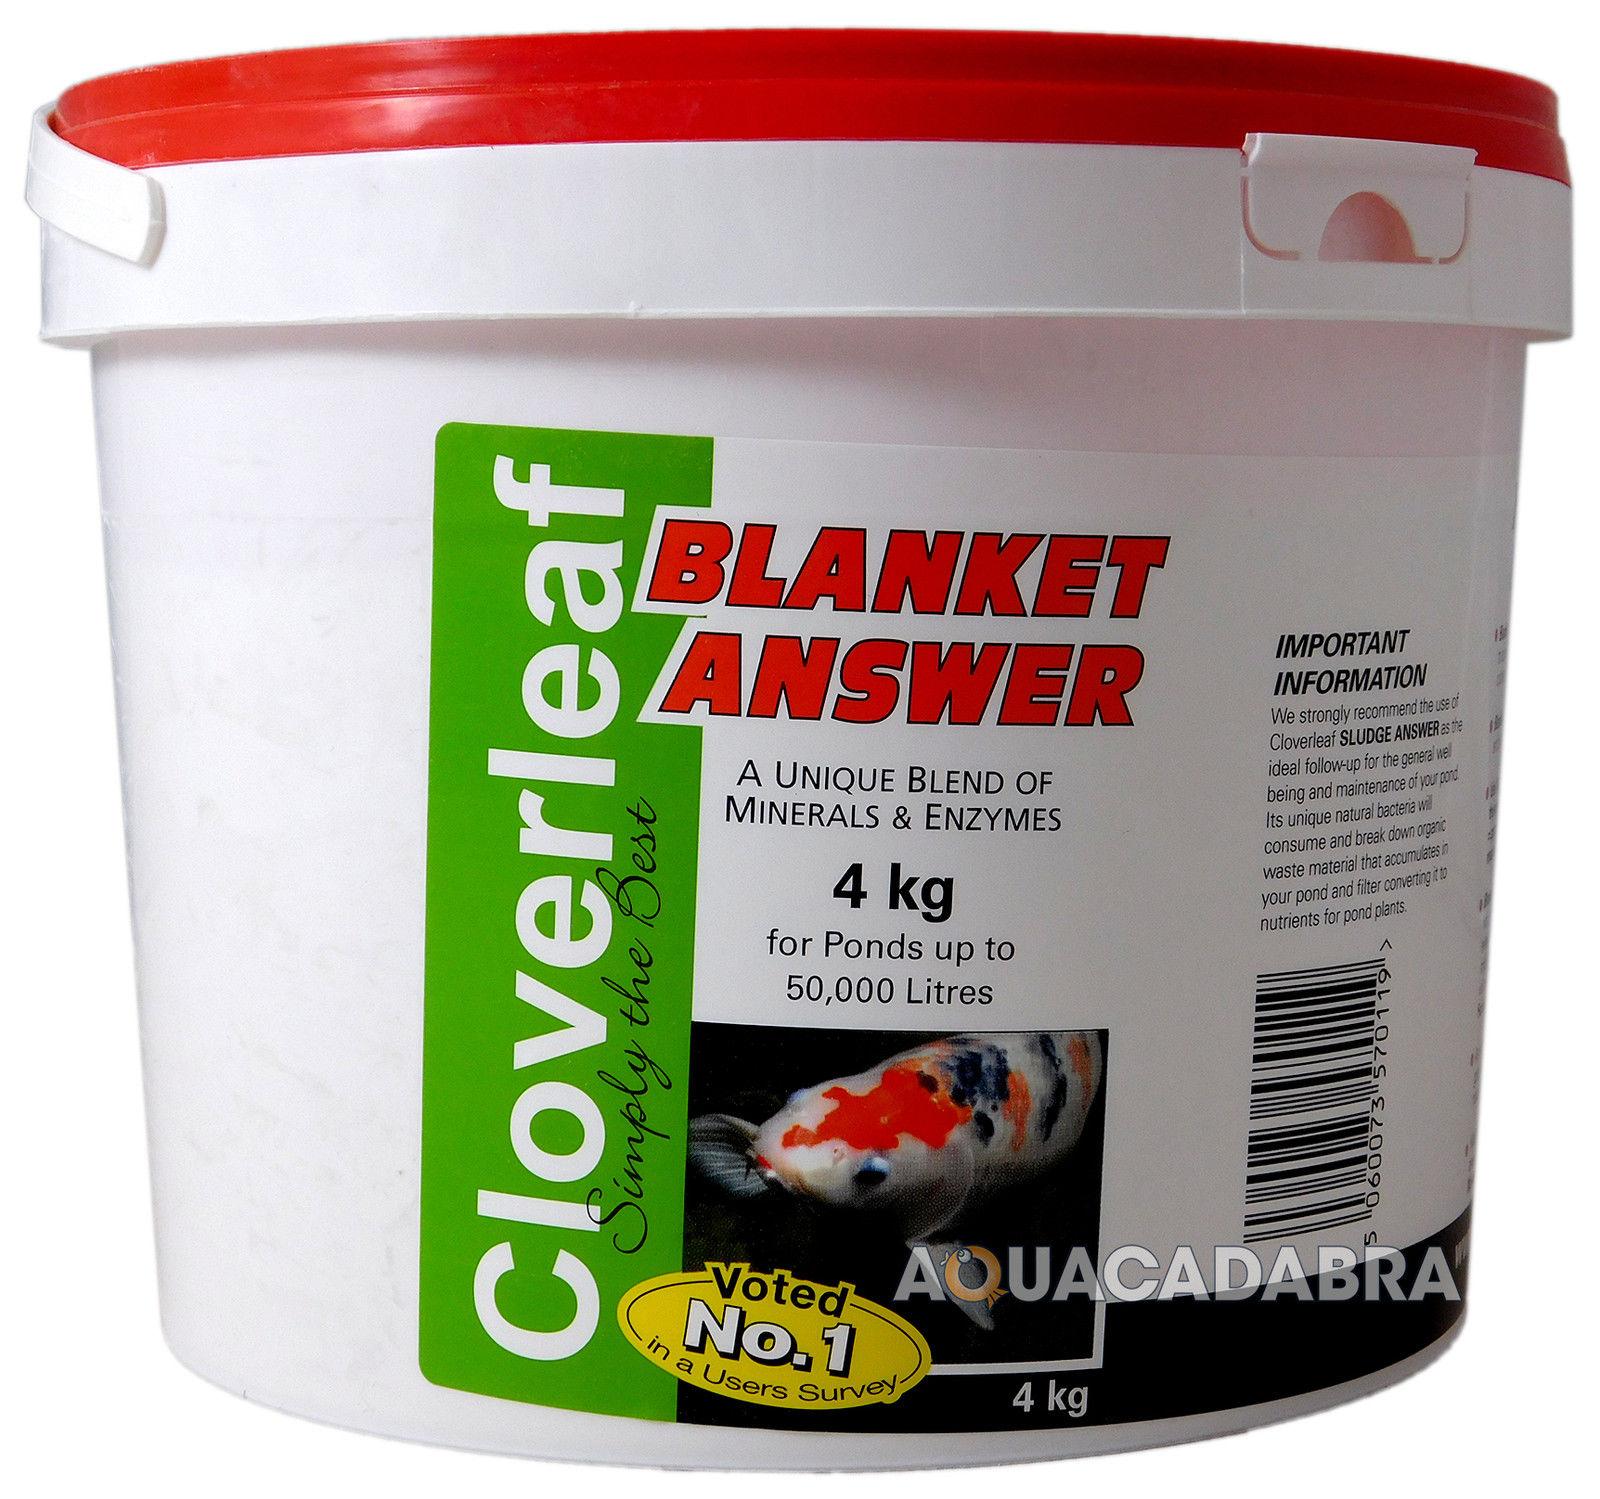 Cloverleaf blanket answer 200g 800g 2kg 4kg koi fish pond for Koi pond products